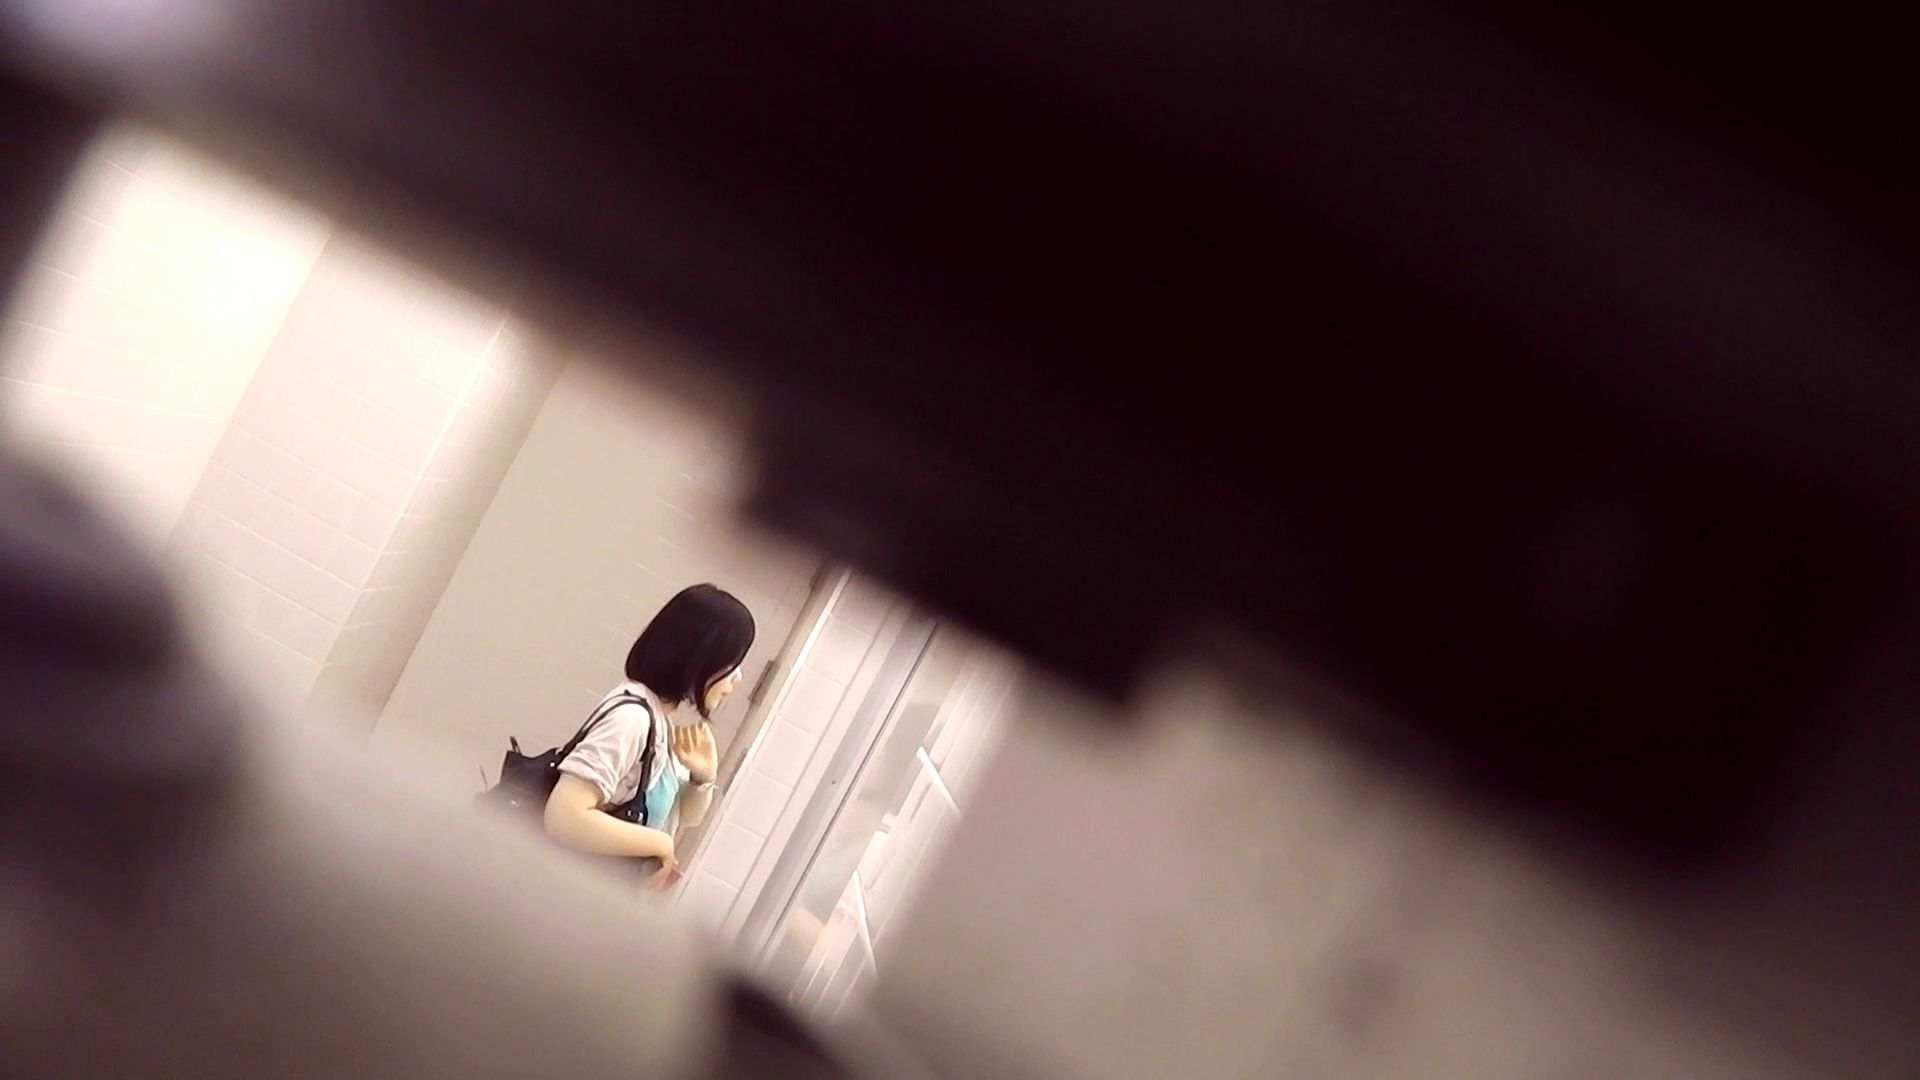 vol.16 命がけ潜伏洗面所! 美女たっぷり!! プライベート ワレメ動画紹介 102pic 49